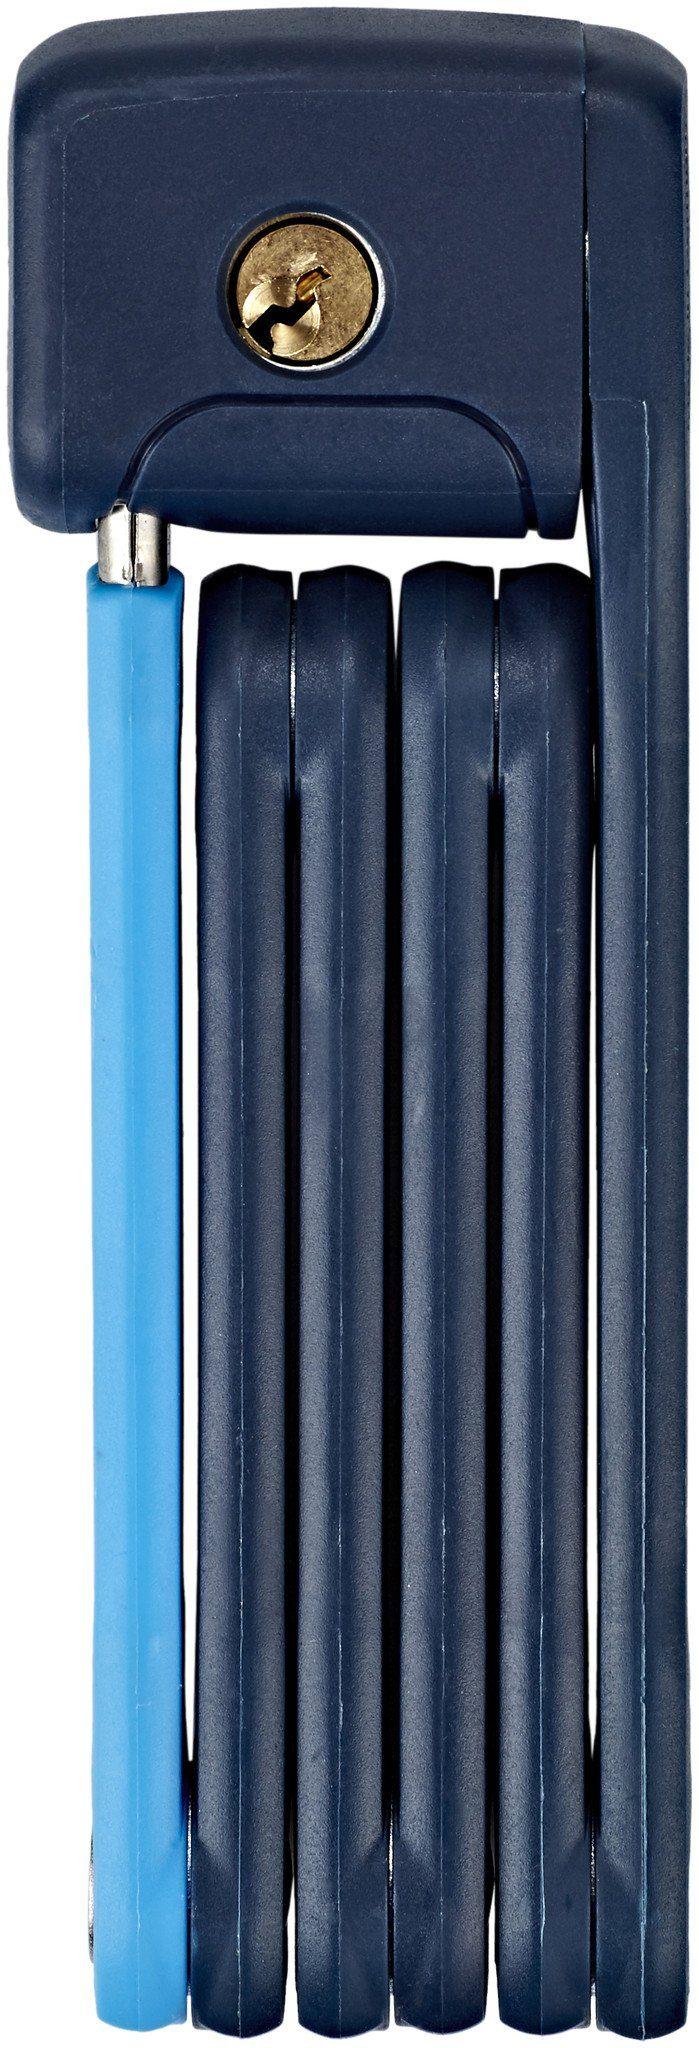 ABUS Faltschloss »Bordo Lite Mini 6055/60 Faltschloss«